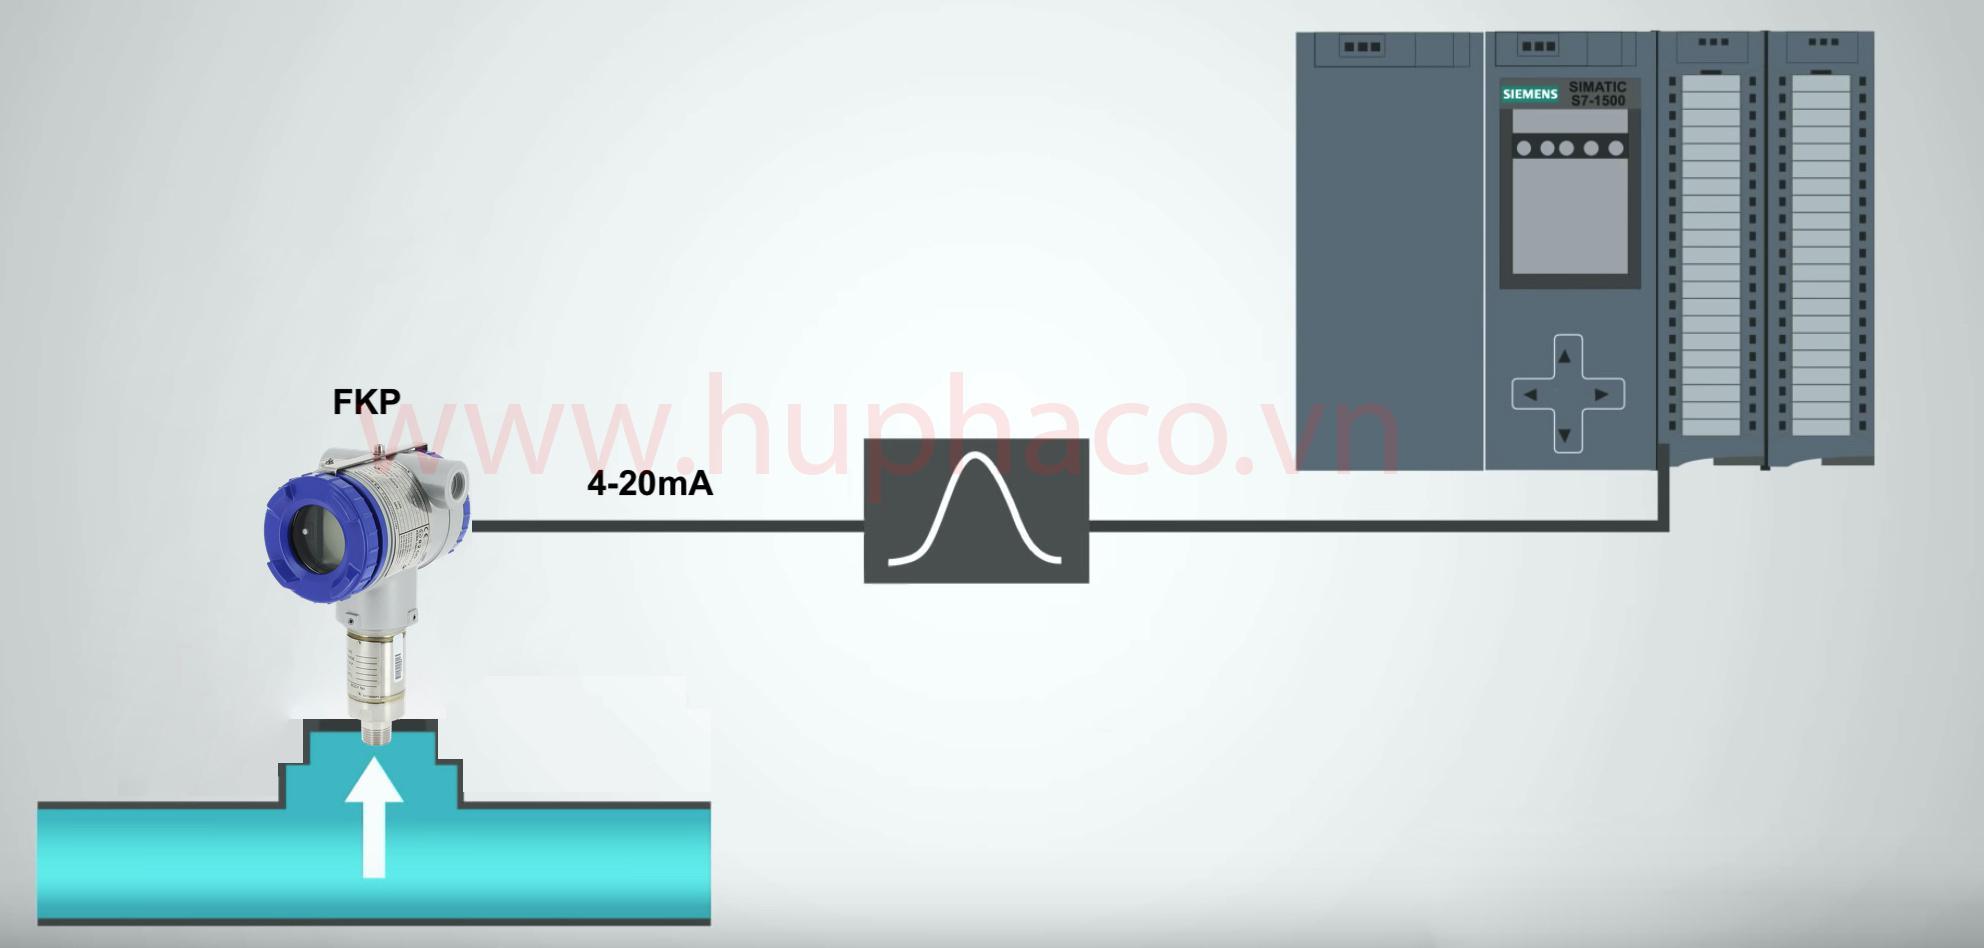 Cảm biến áp suất nước truyền tín hiệu 4-20mA về PLC